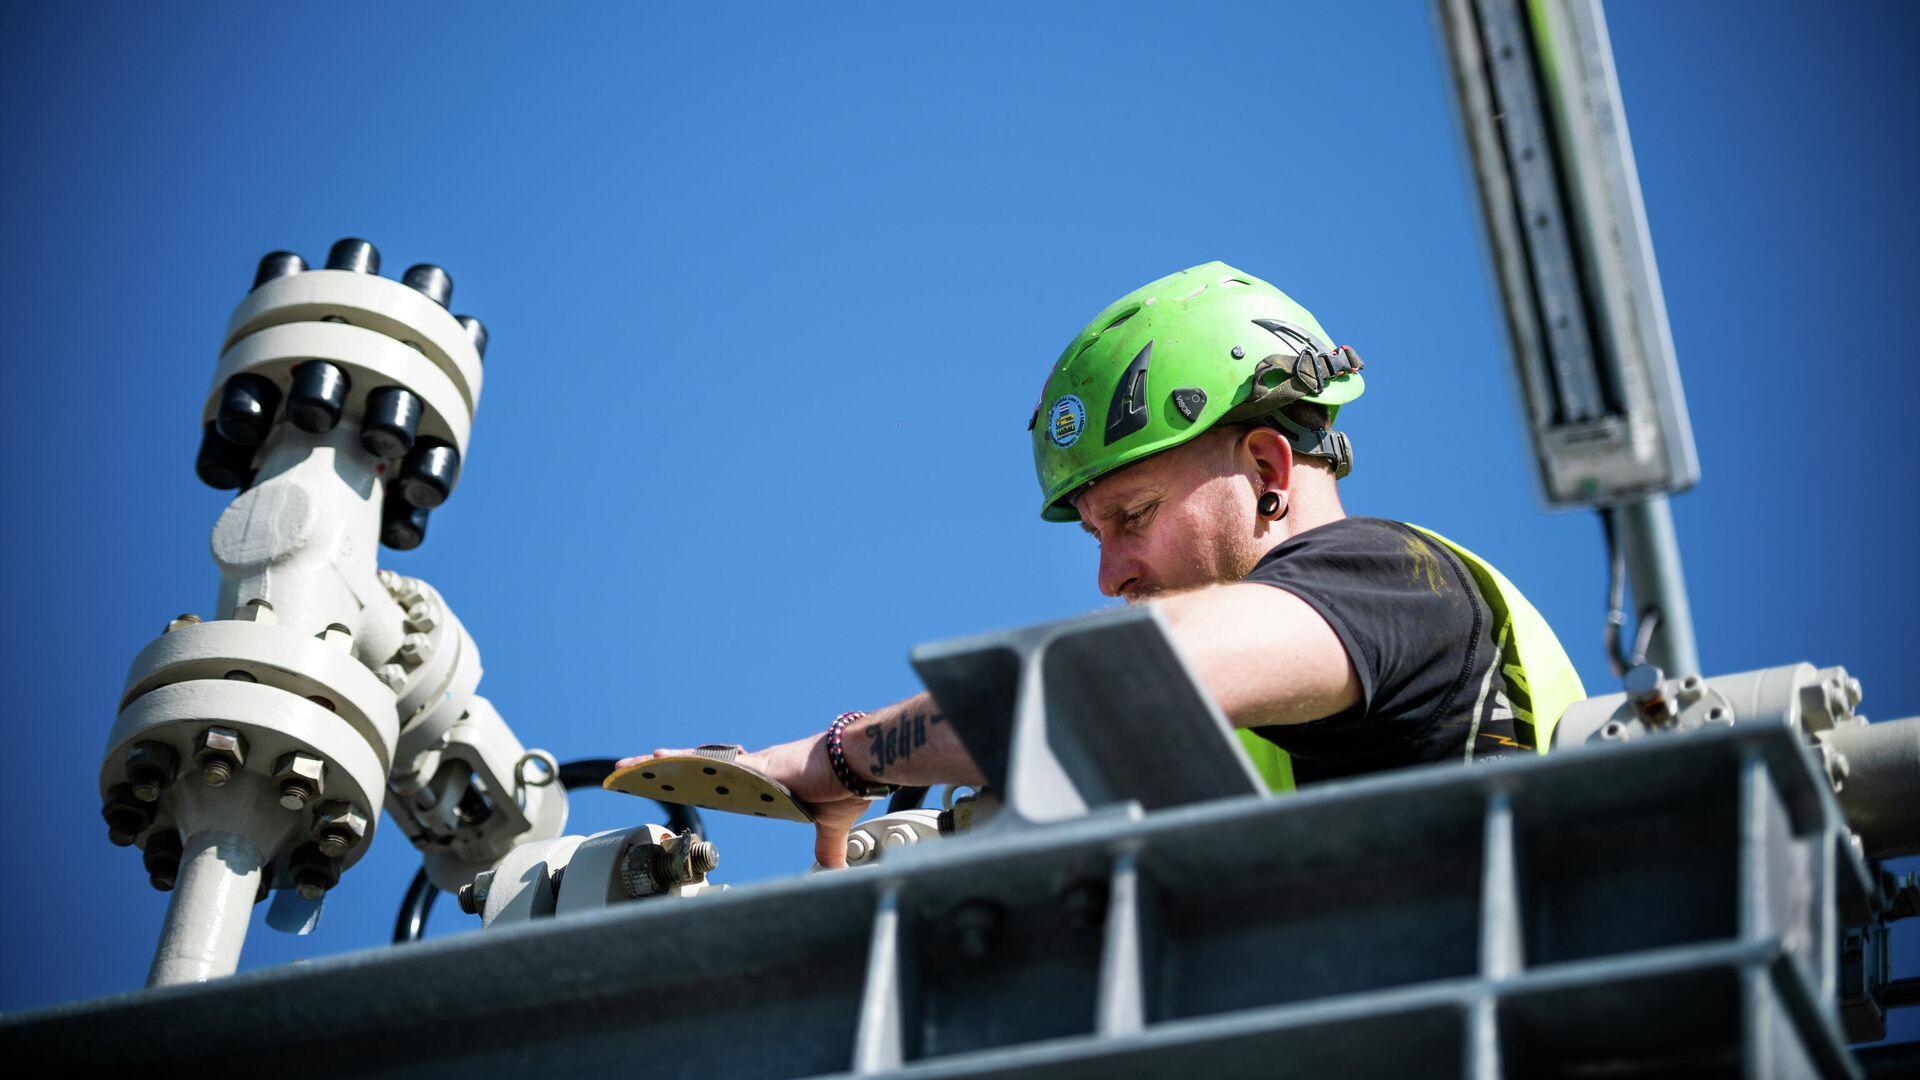 Специалист работает на территории газораспределительного центра магистрального газопровода Северный поток-2 в городе Любмин в Германии1